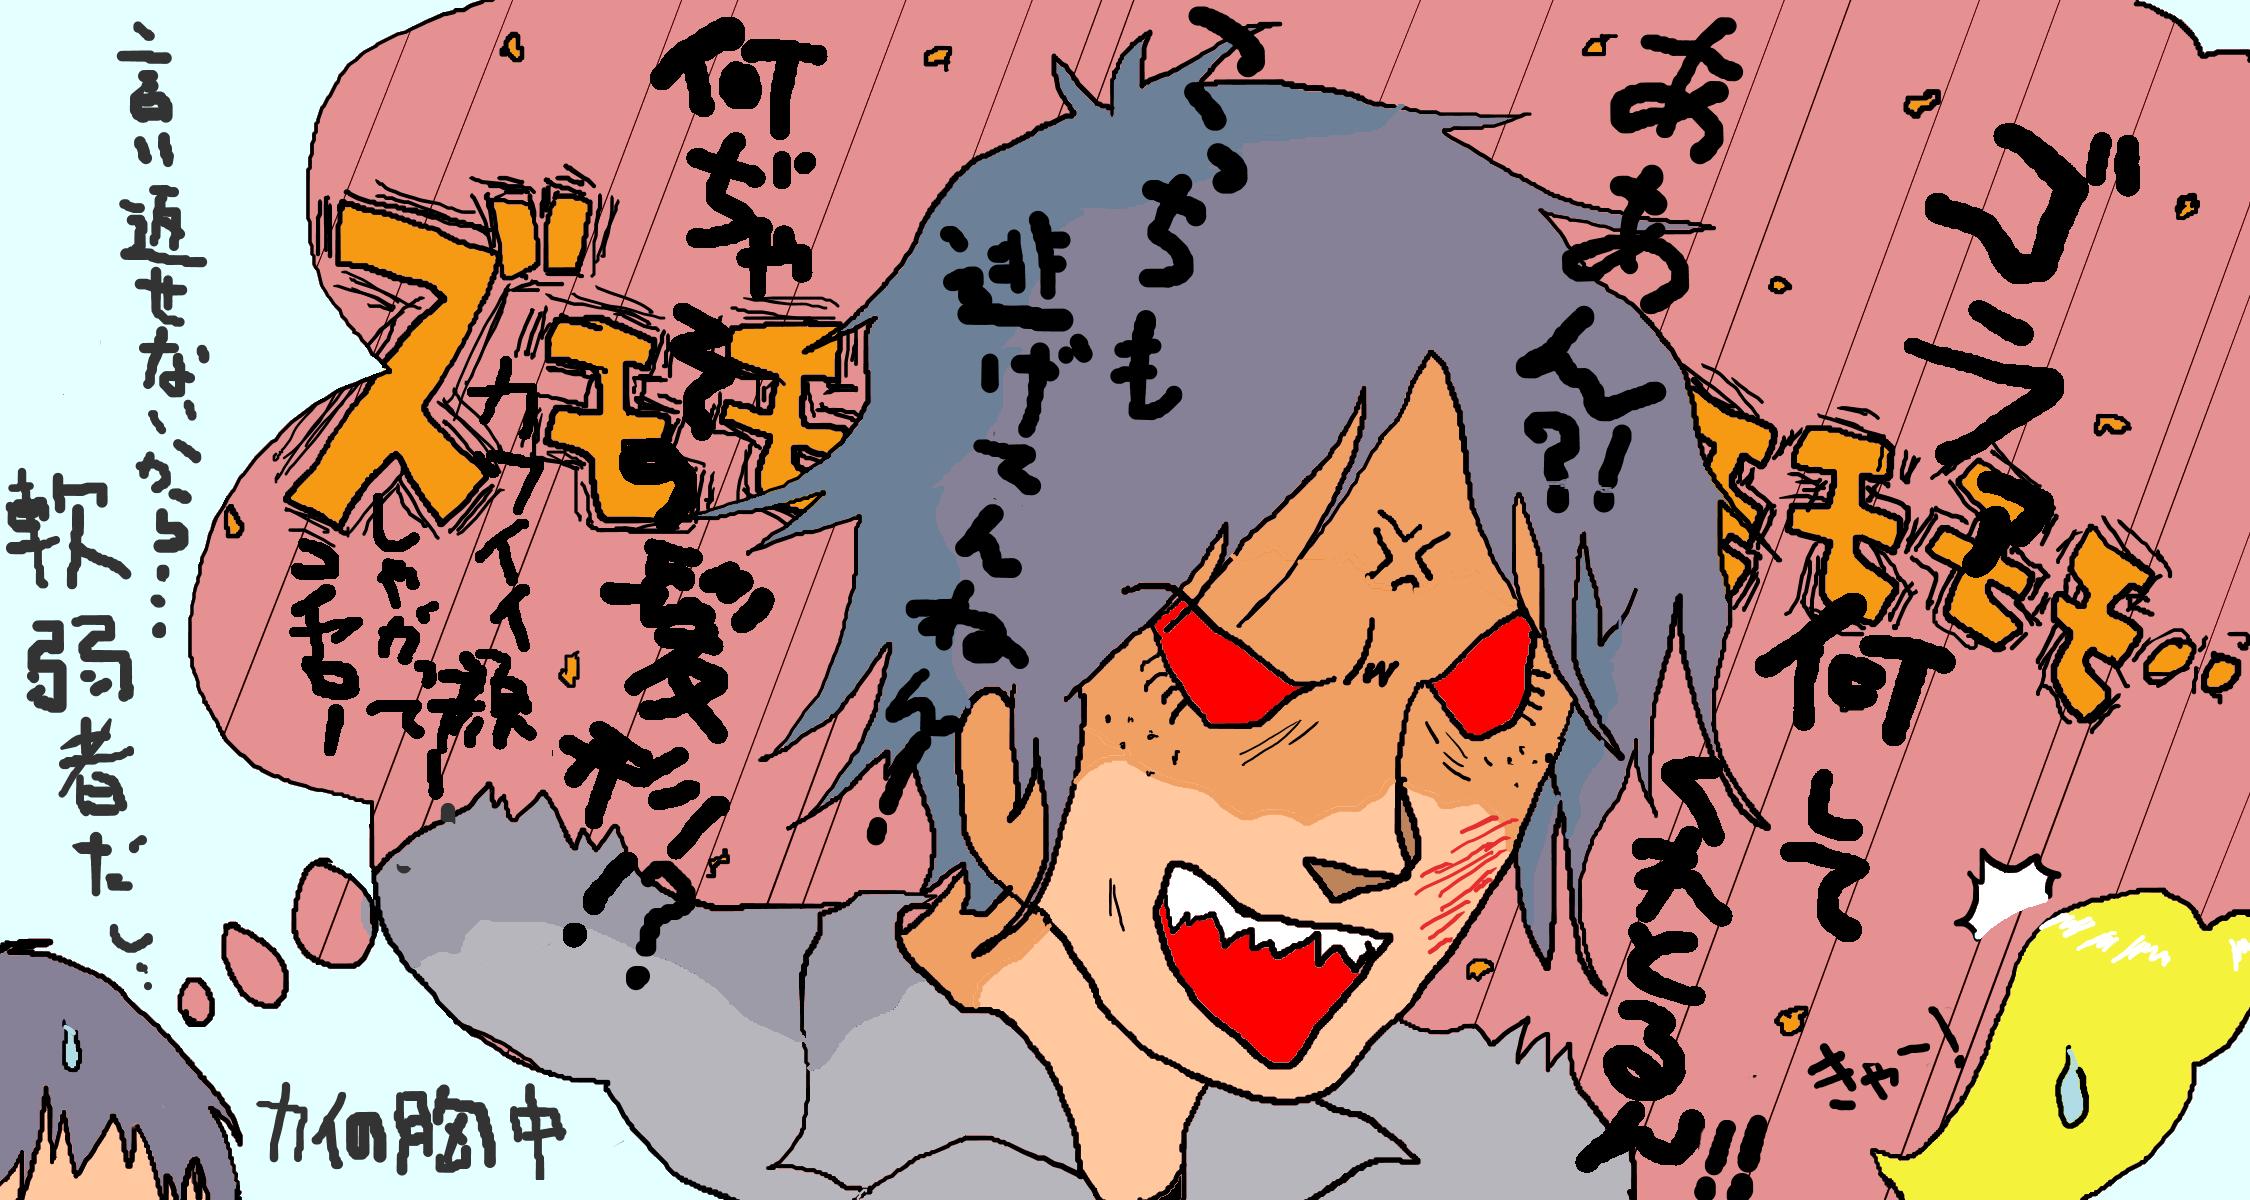 軟弱者 カイ シデン ミハル